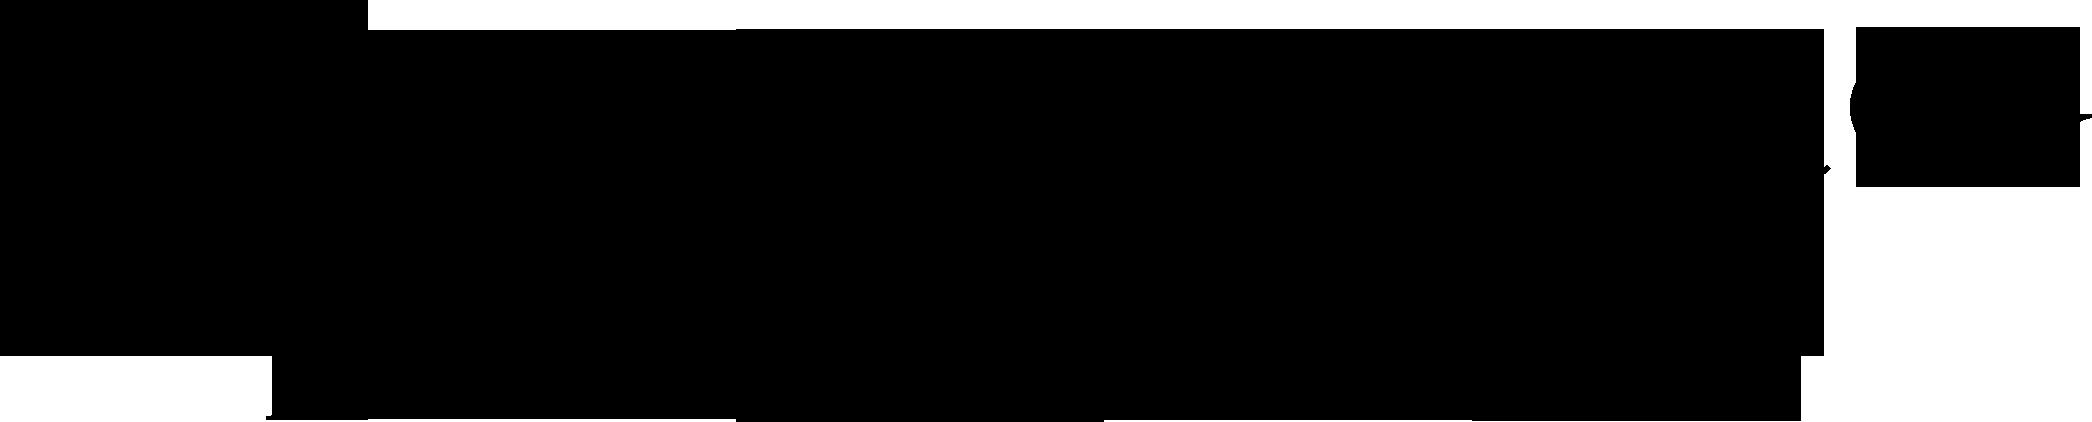 Hier sehen Sie das Logo von Sandberg Immobilien